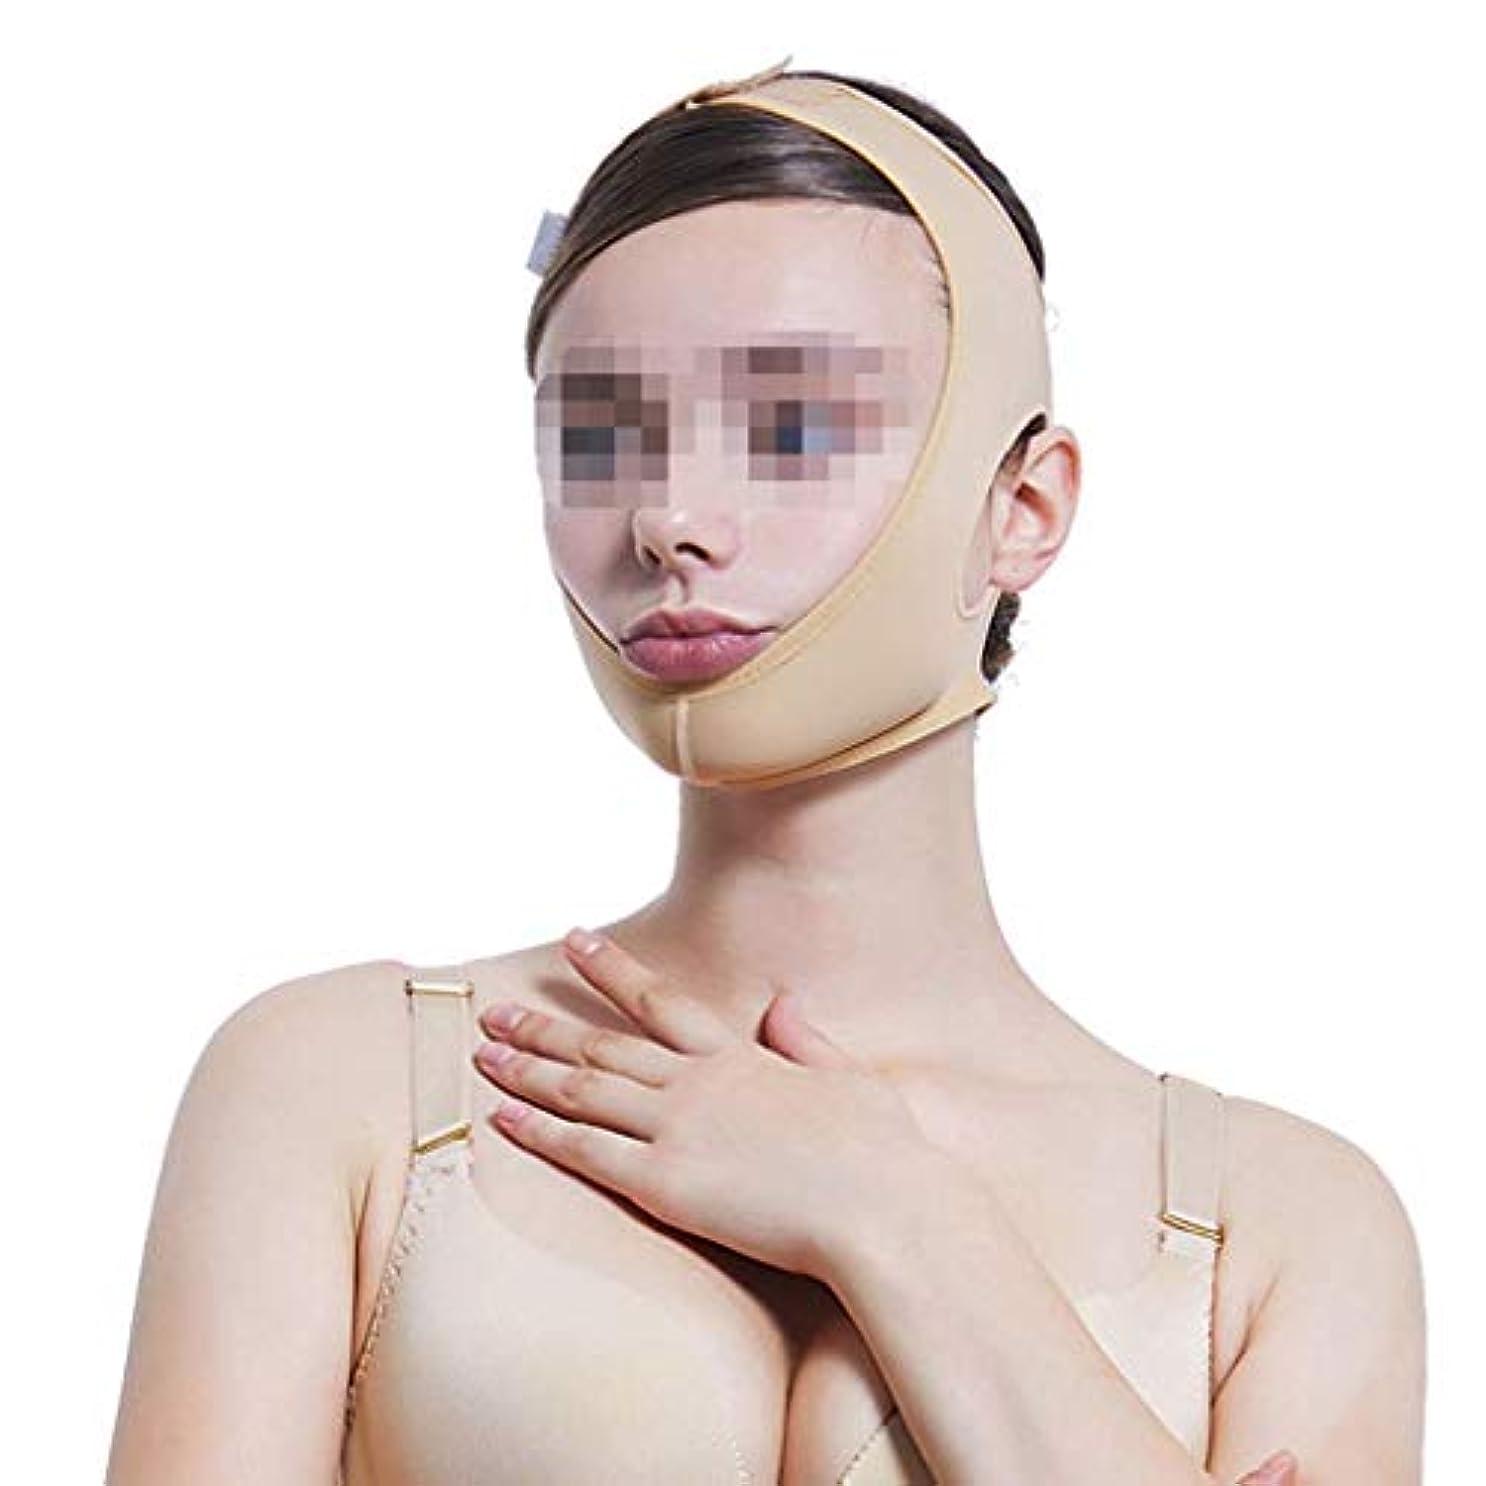 鉄道説得力のあるスペードビームフェイス弾性ヘッドギア、ダブルあごのあごのセットをマスクの後に線彫り薄いフェイス包帯マルチサイズオプション(サイズ:XS),XXL